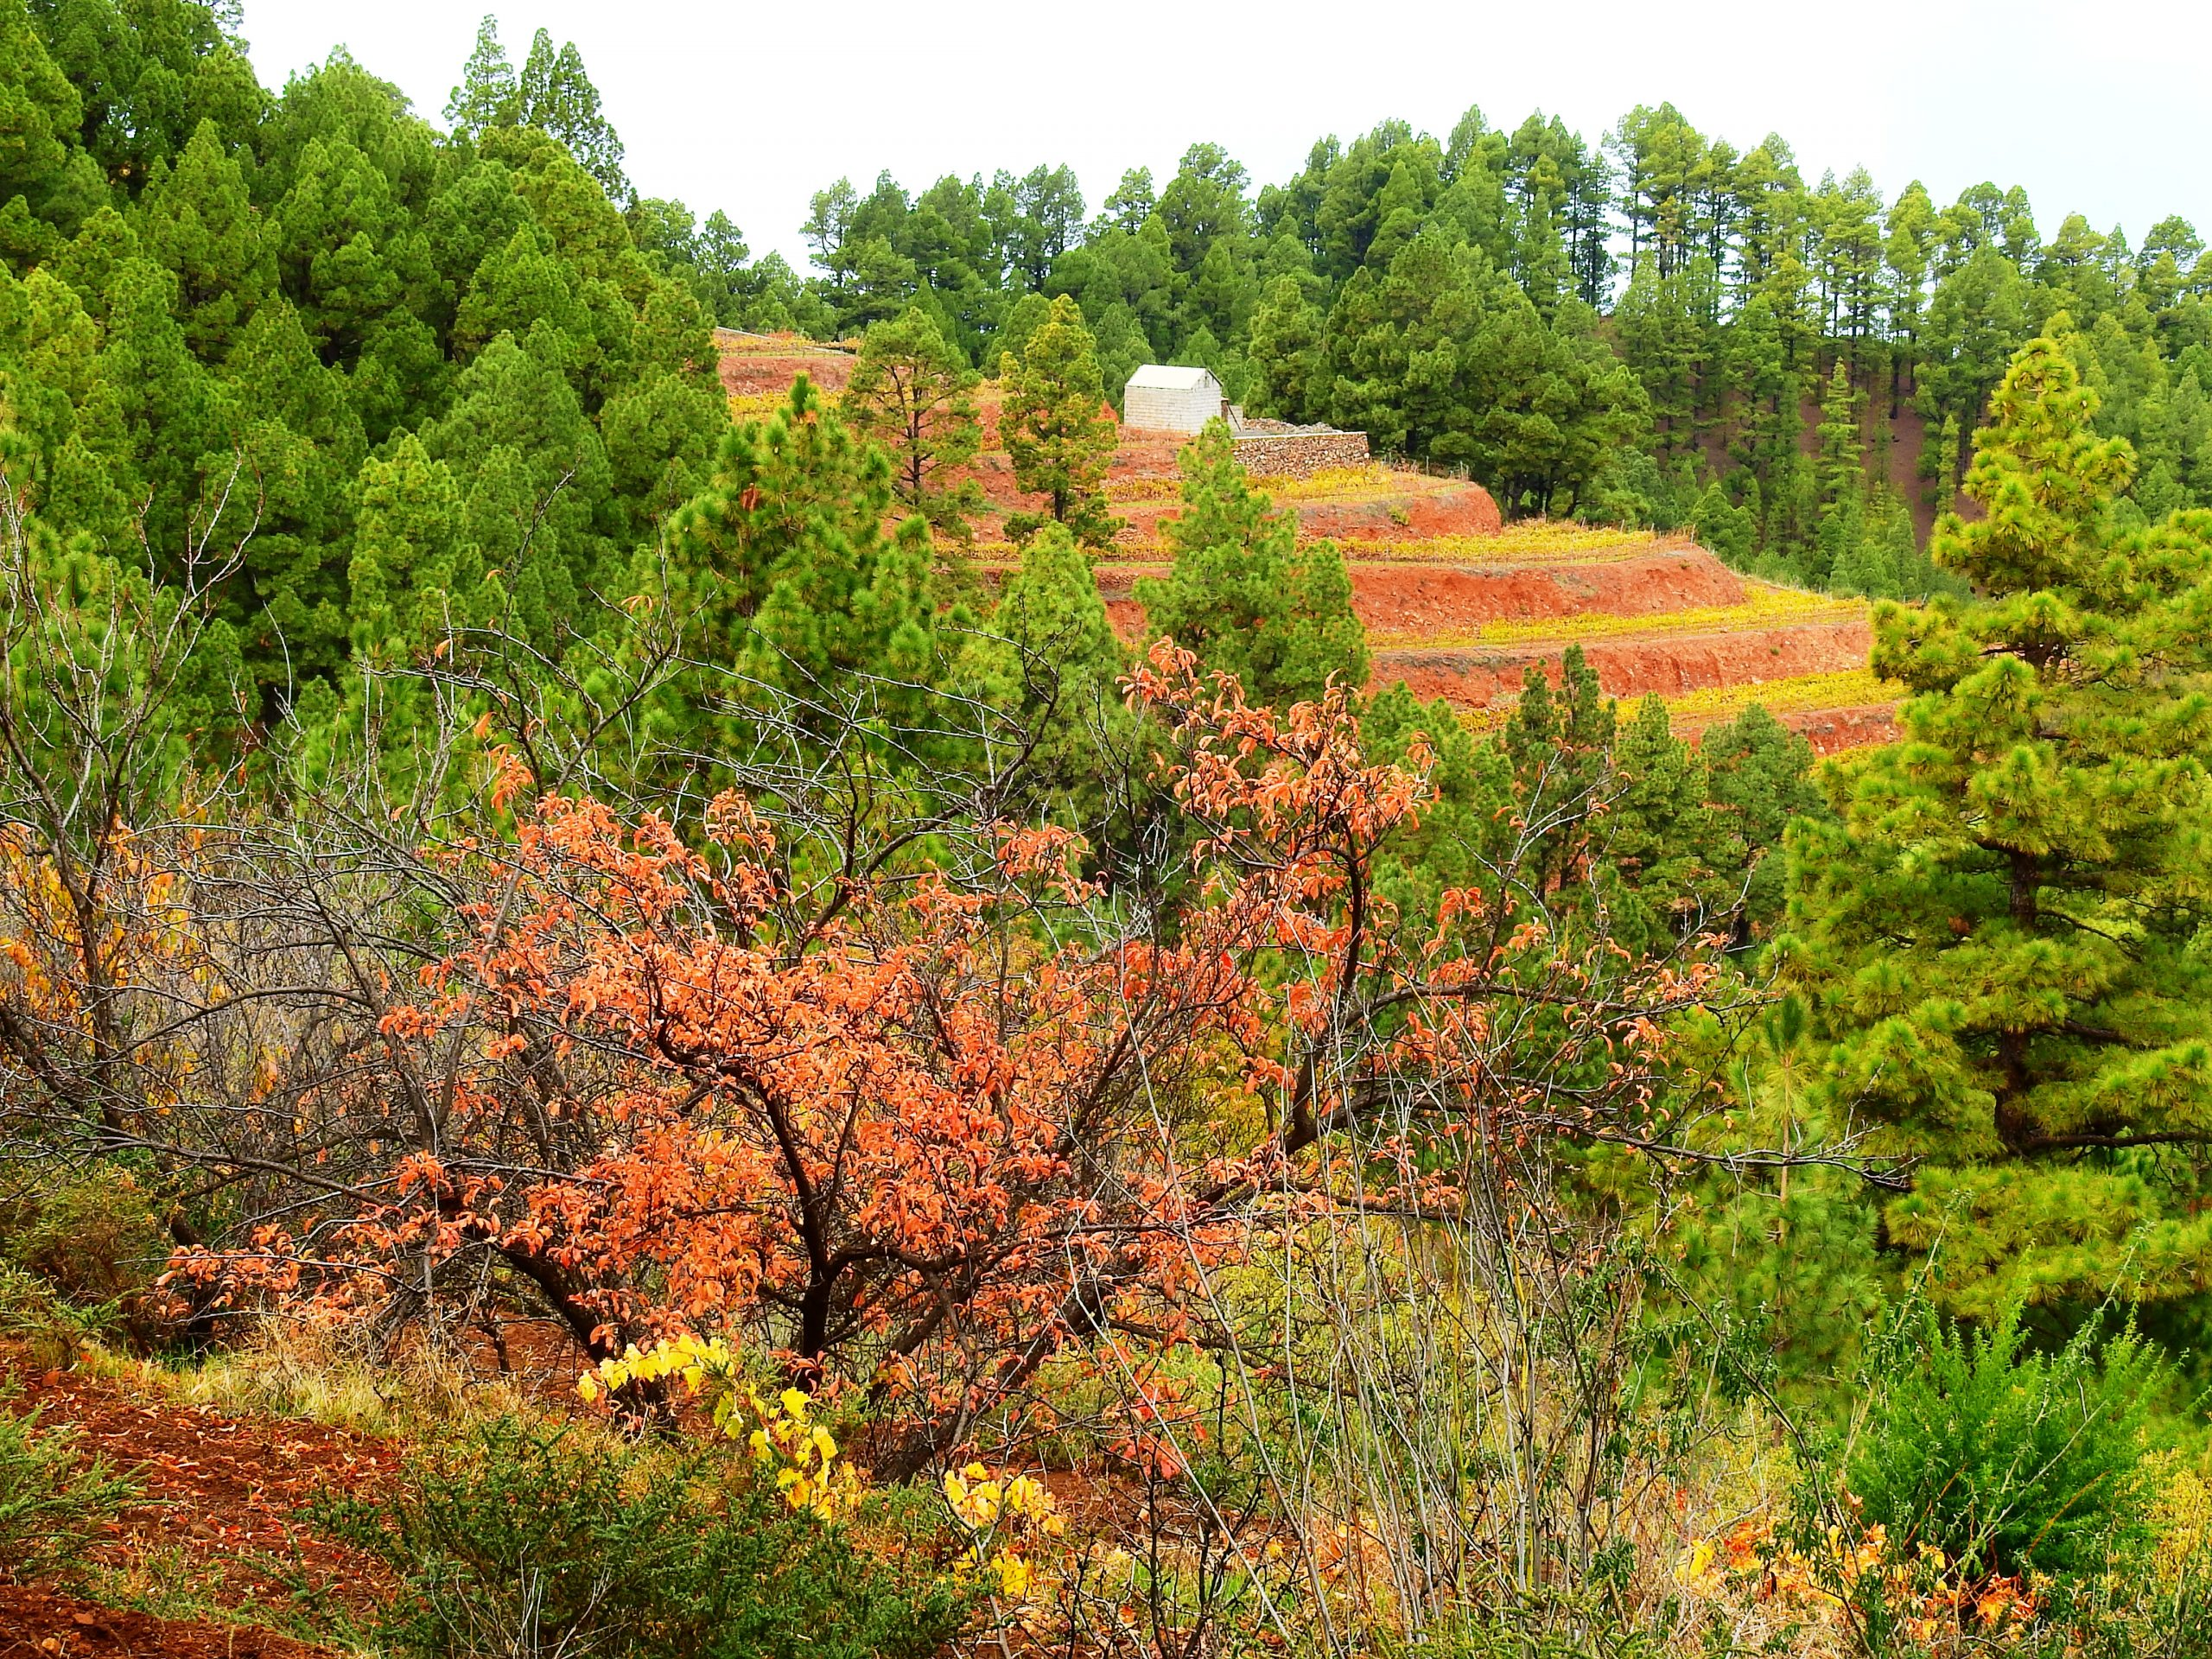 Foto nº8. Bancales con viñedos actuaron de cortafuegos en el incendio de agosto de 2020 protegiendo la masa forestal. © Jaime Hernández Jiménez.